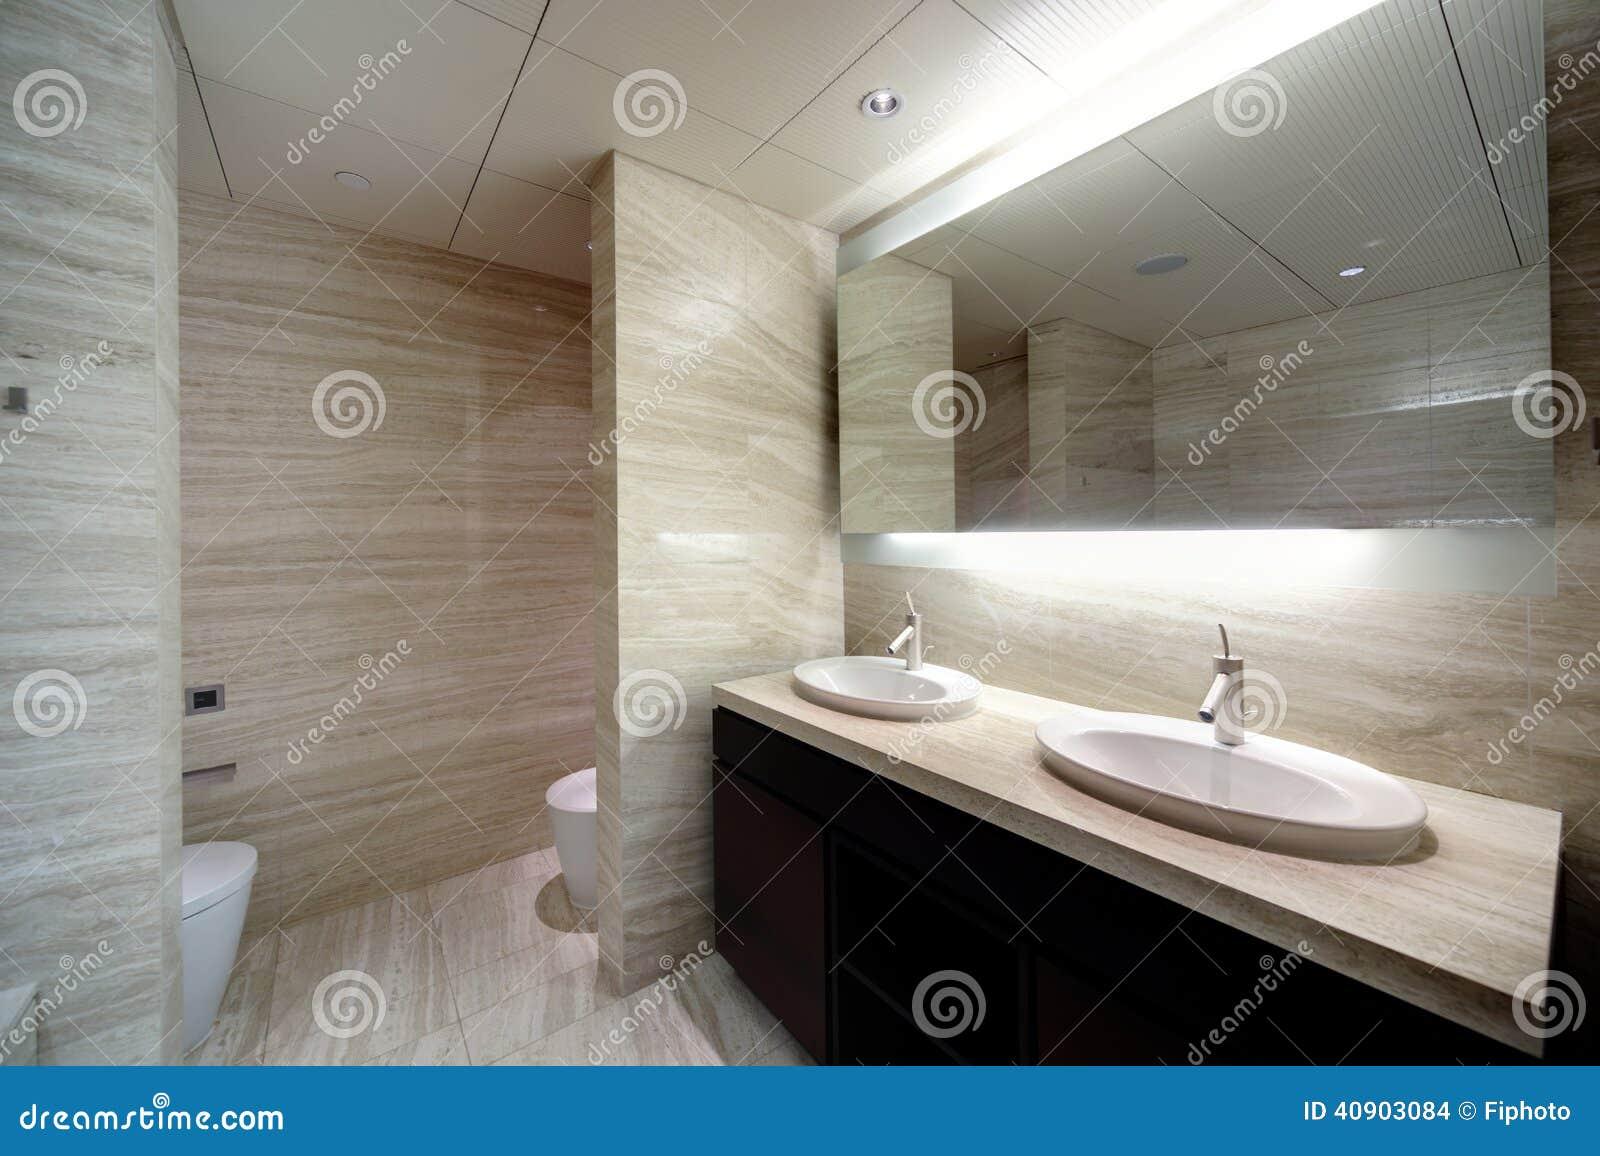 Ruime toilet stijl en verkoop